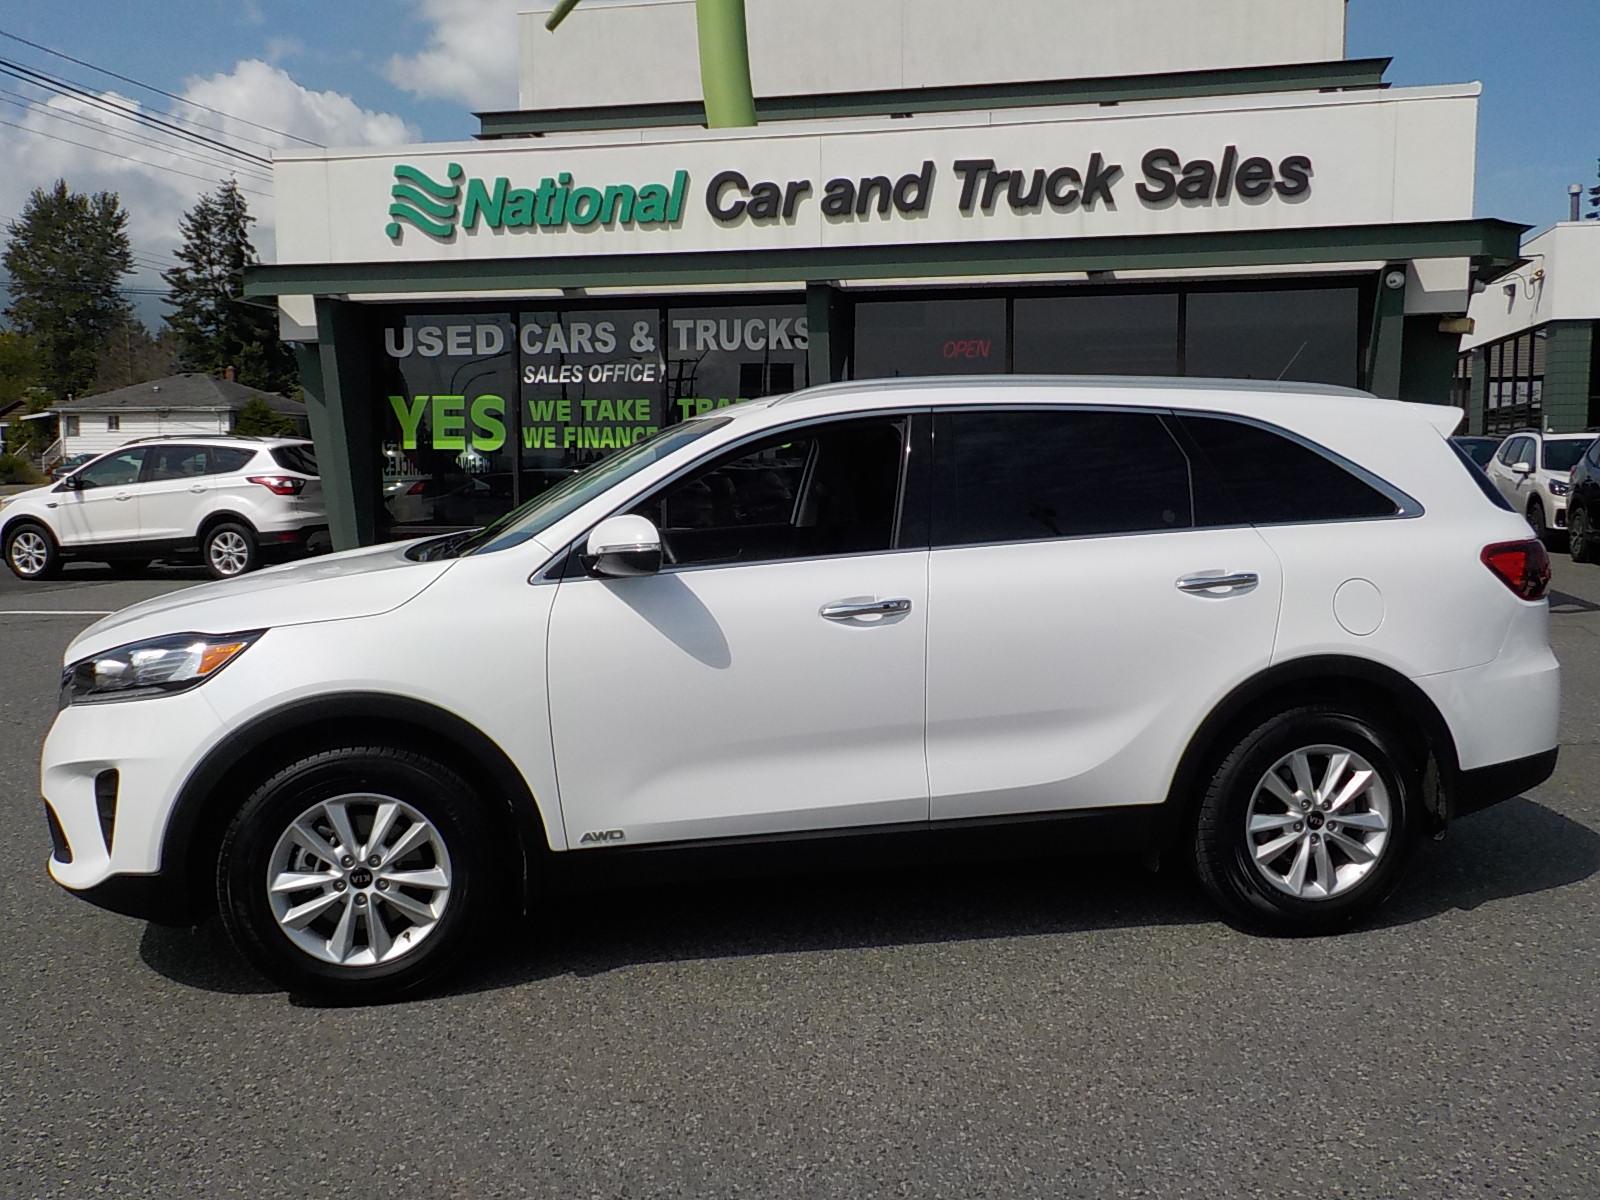 National Car Sales >> National Car And Truck Sales Nanaimo In Nanaimo British Columbia